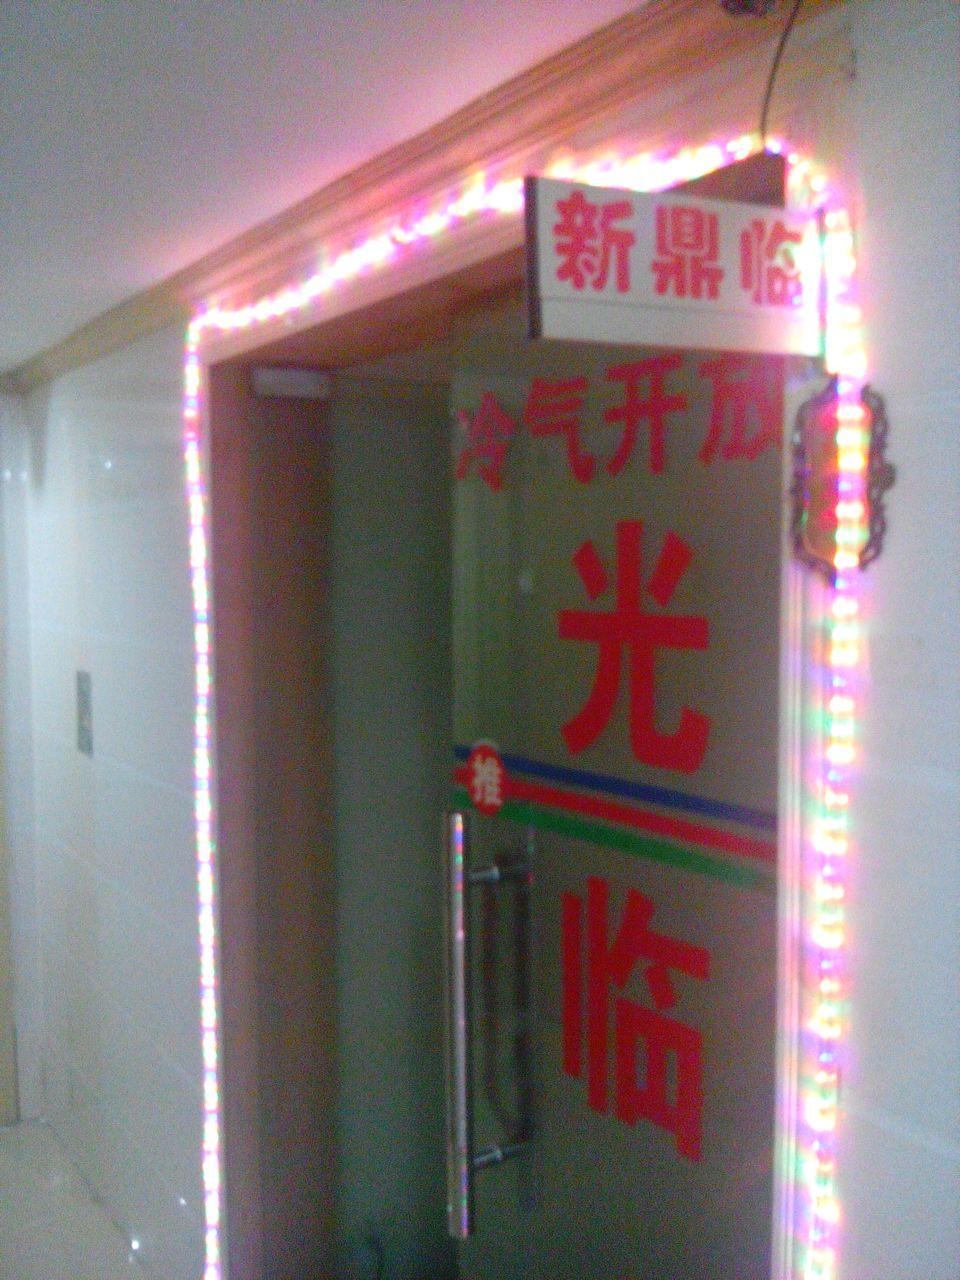 鼎临浴室+2019地址